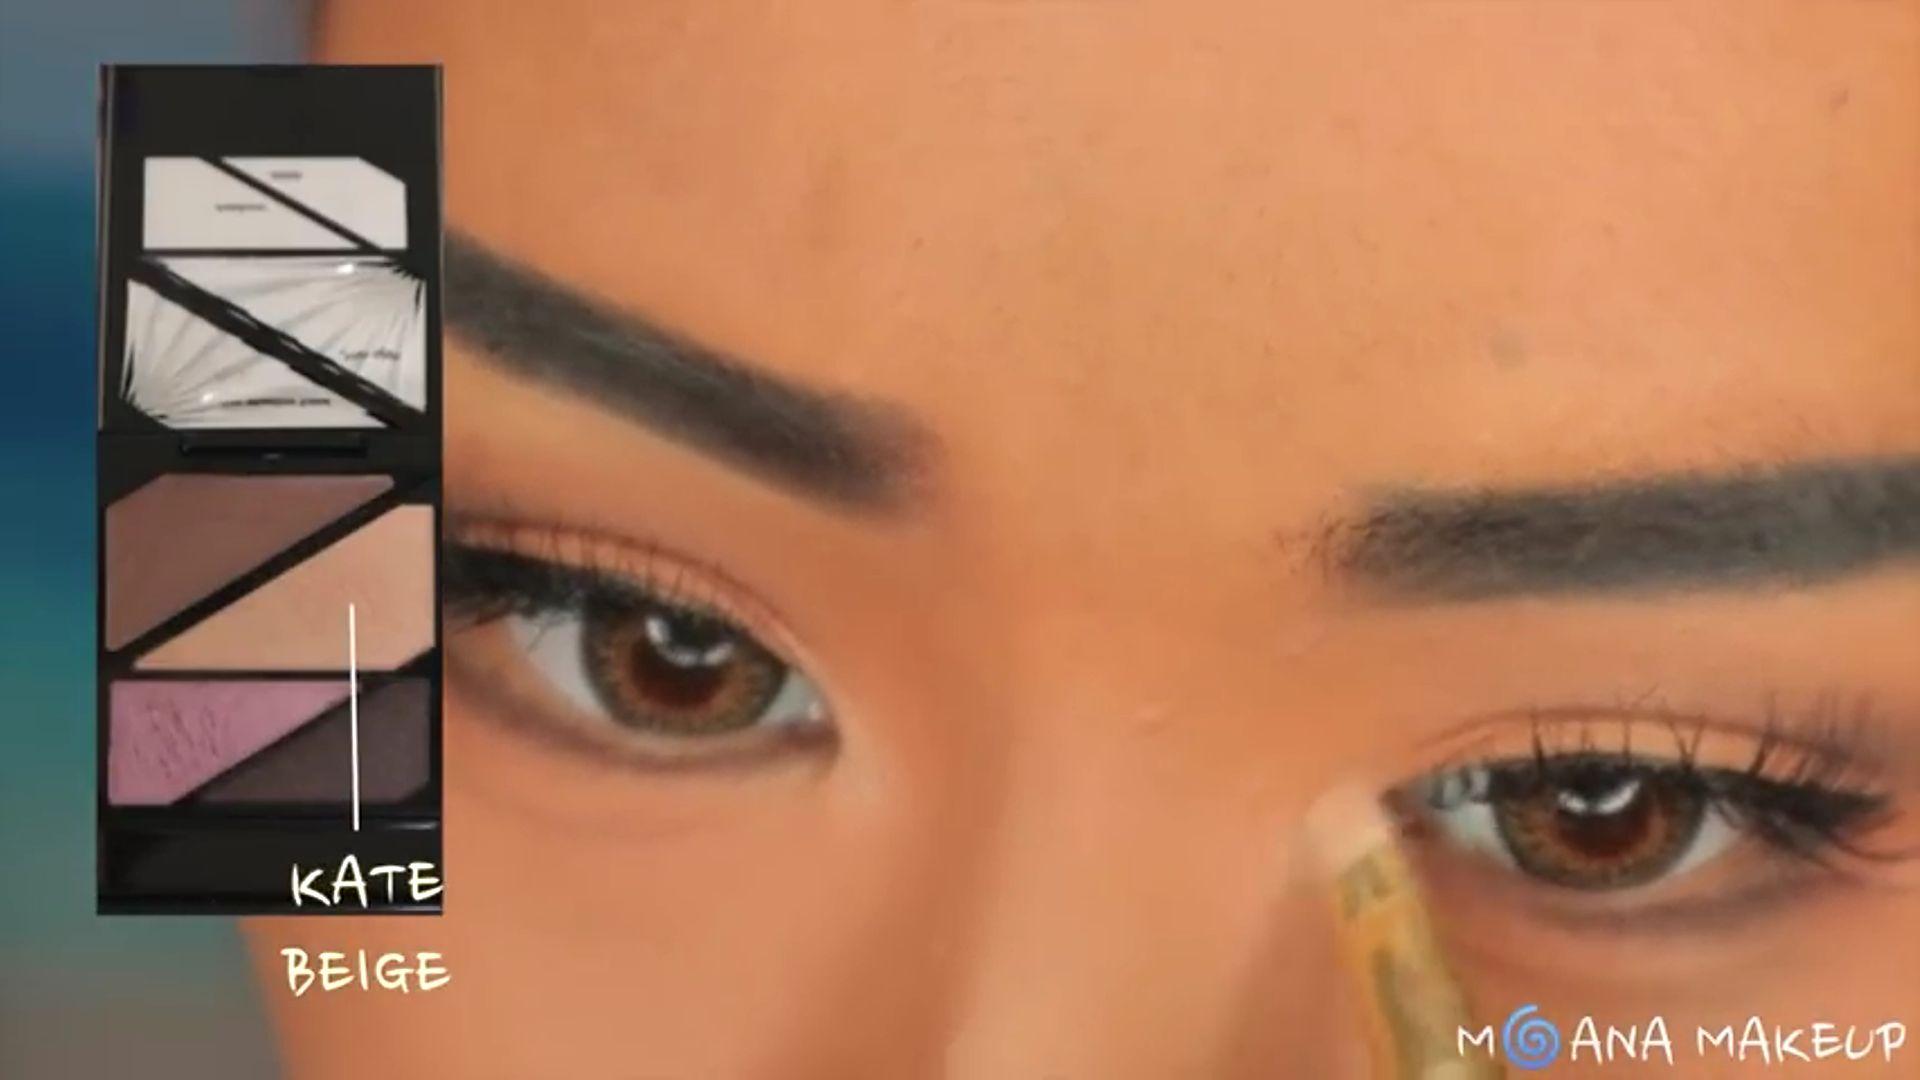 Maquíllate como Moana fukuse yuuriマリリン 2020. sombra beige para los ojos